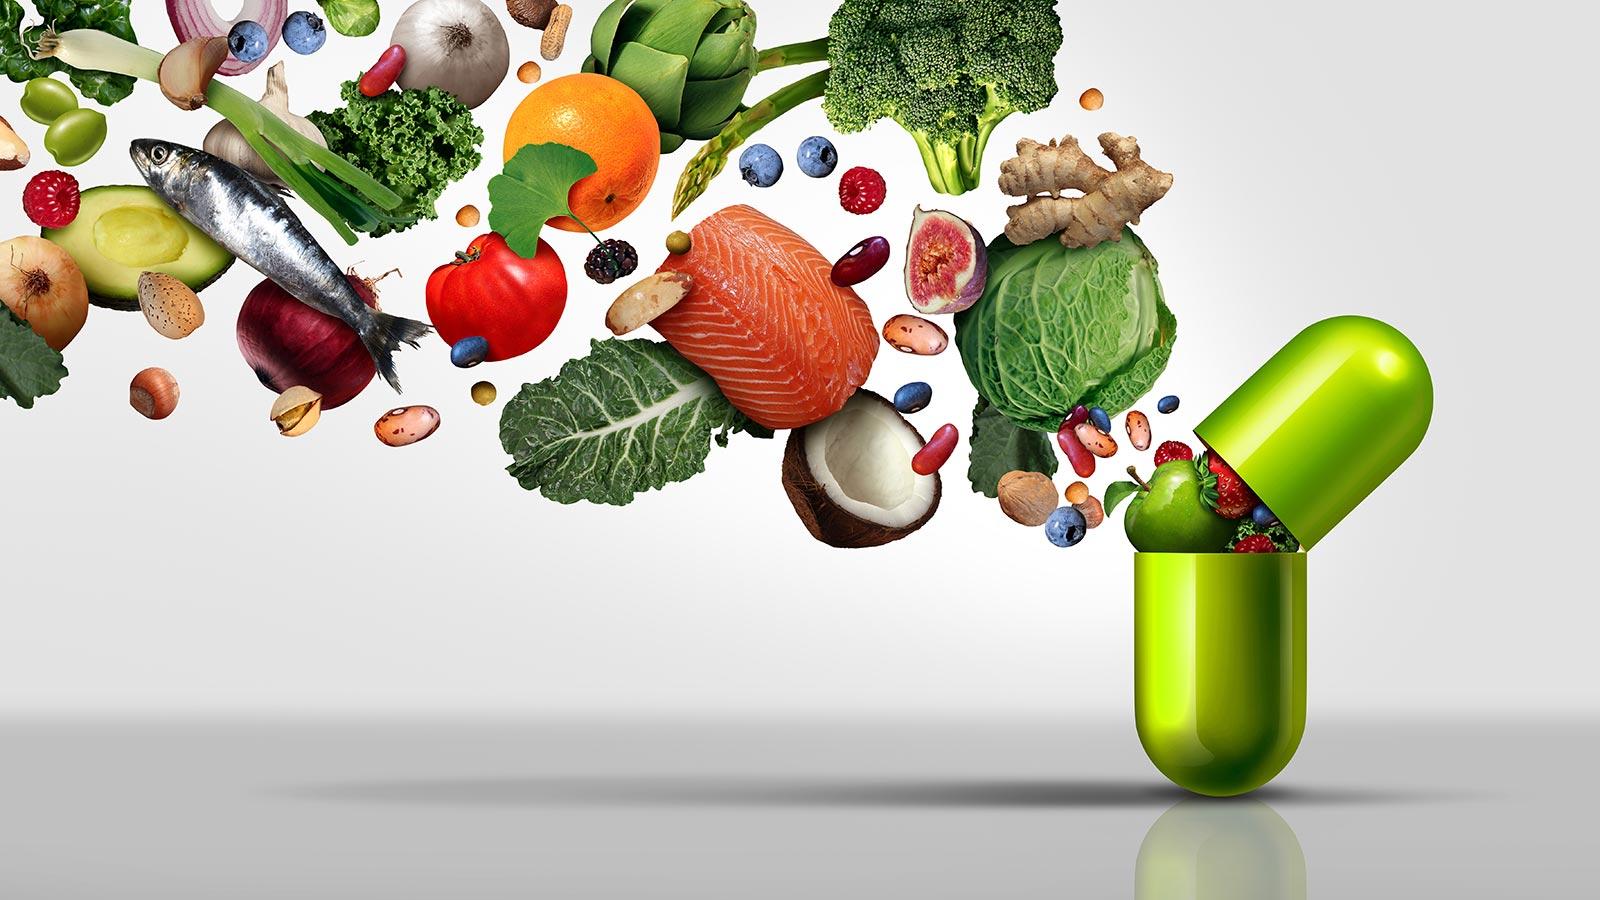 Illustration: Gesundes Obst und Gemüse fliegen in eine Kapsel Nahrungsergänzungsmittel